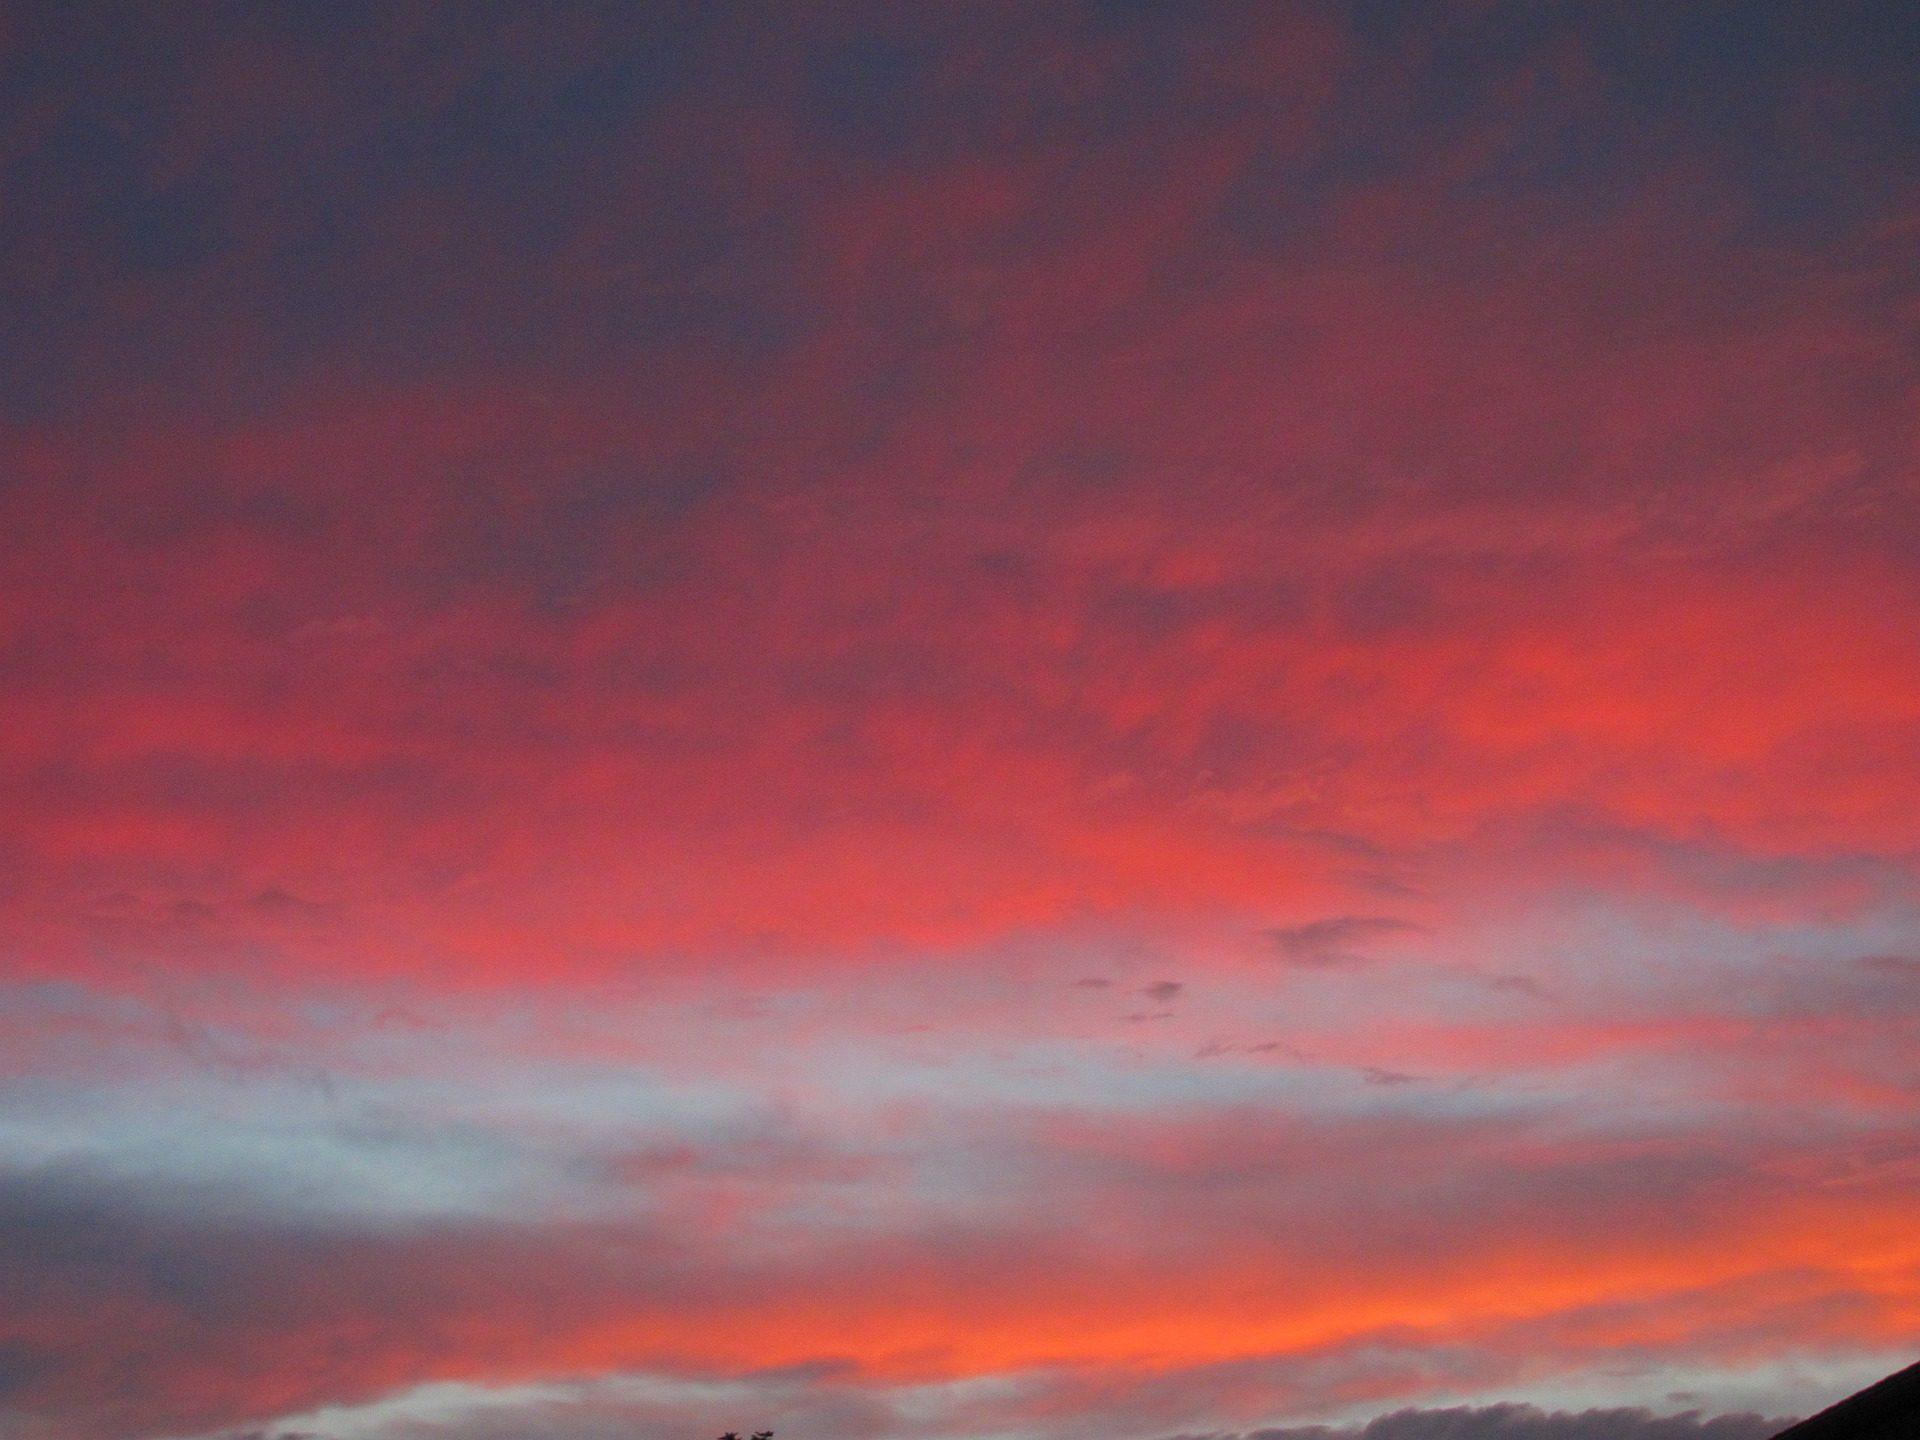 Himmel, Wolken, Sonnenuntergang, Rot, rötlich, Orange - Wallpaper HD - Prof.-falken.com